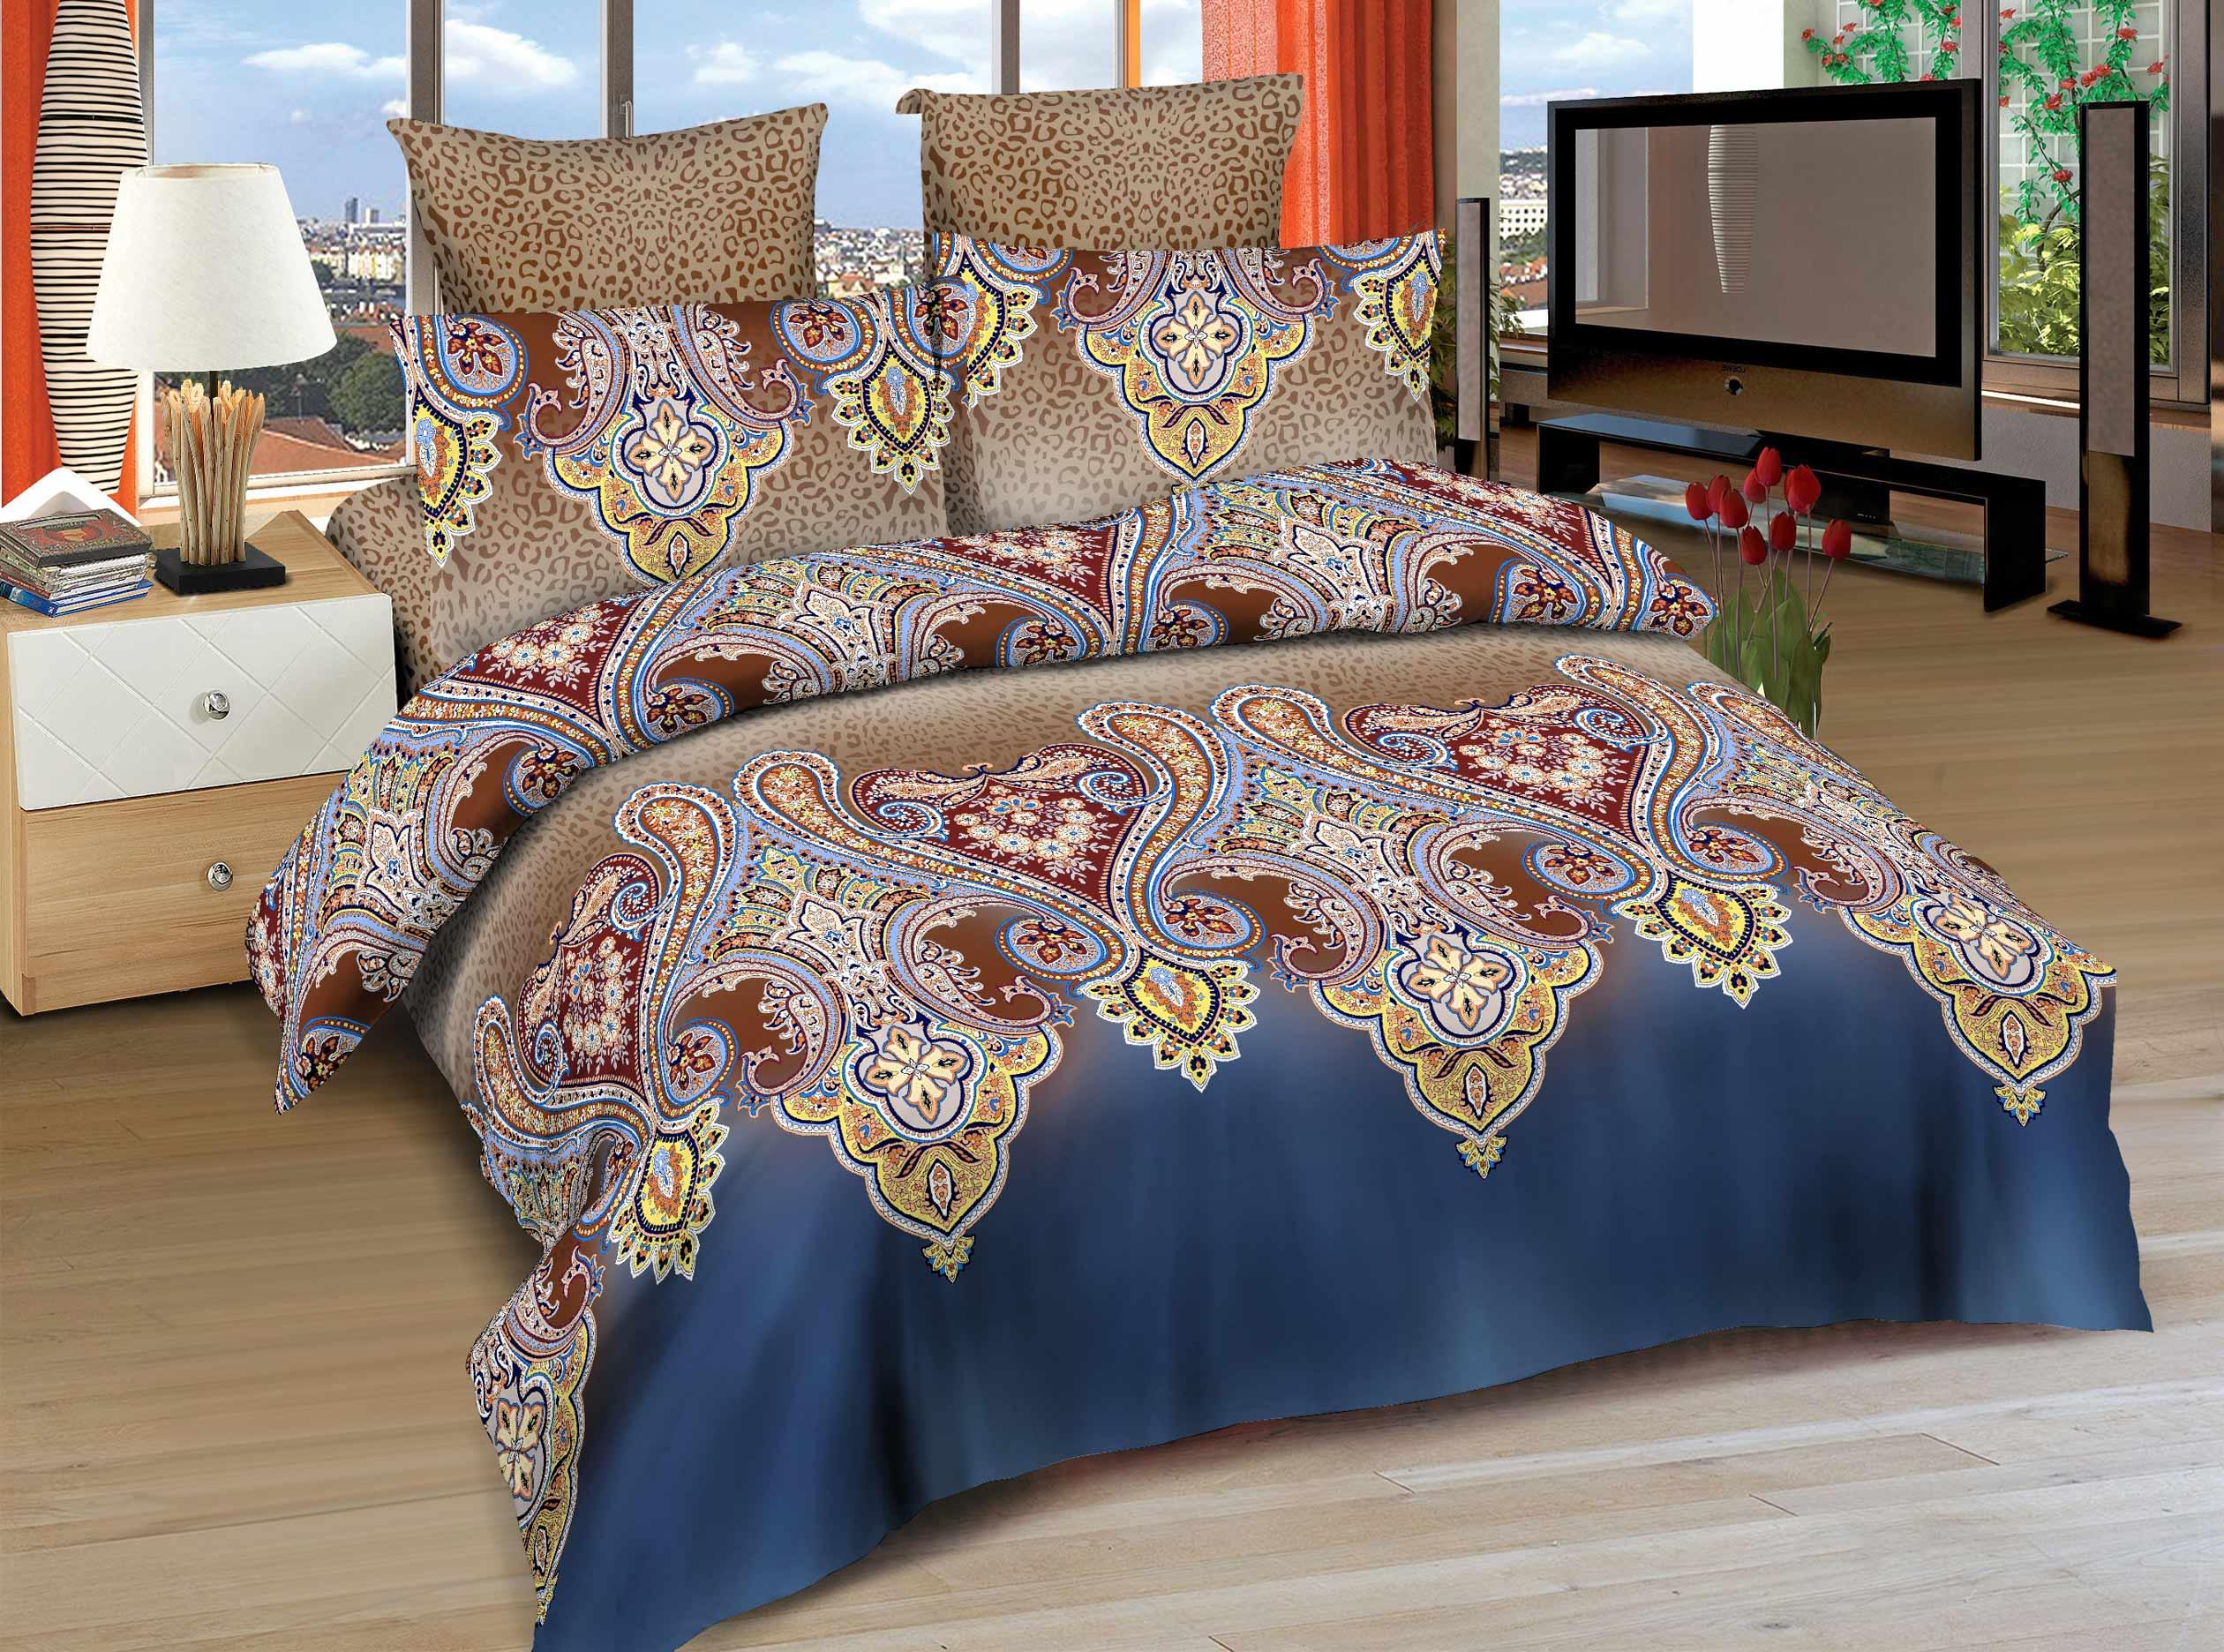 Постельное белье Amore Mio Постельное белье Agra (2 спал.) постельное белье amore mio постельное белье glasgow 2 сп евро